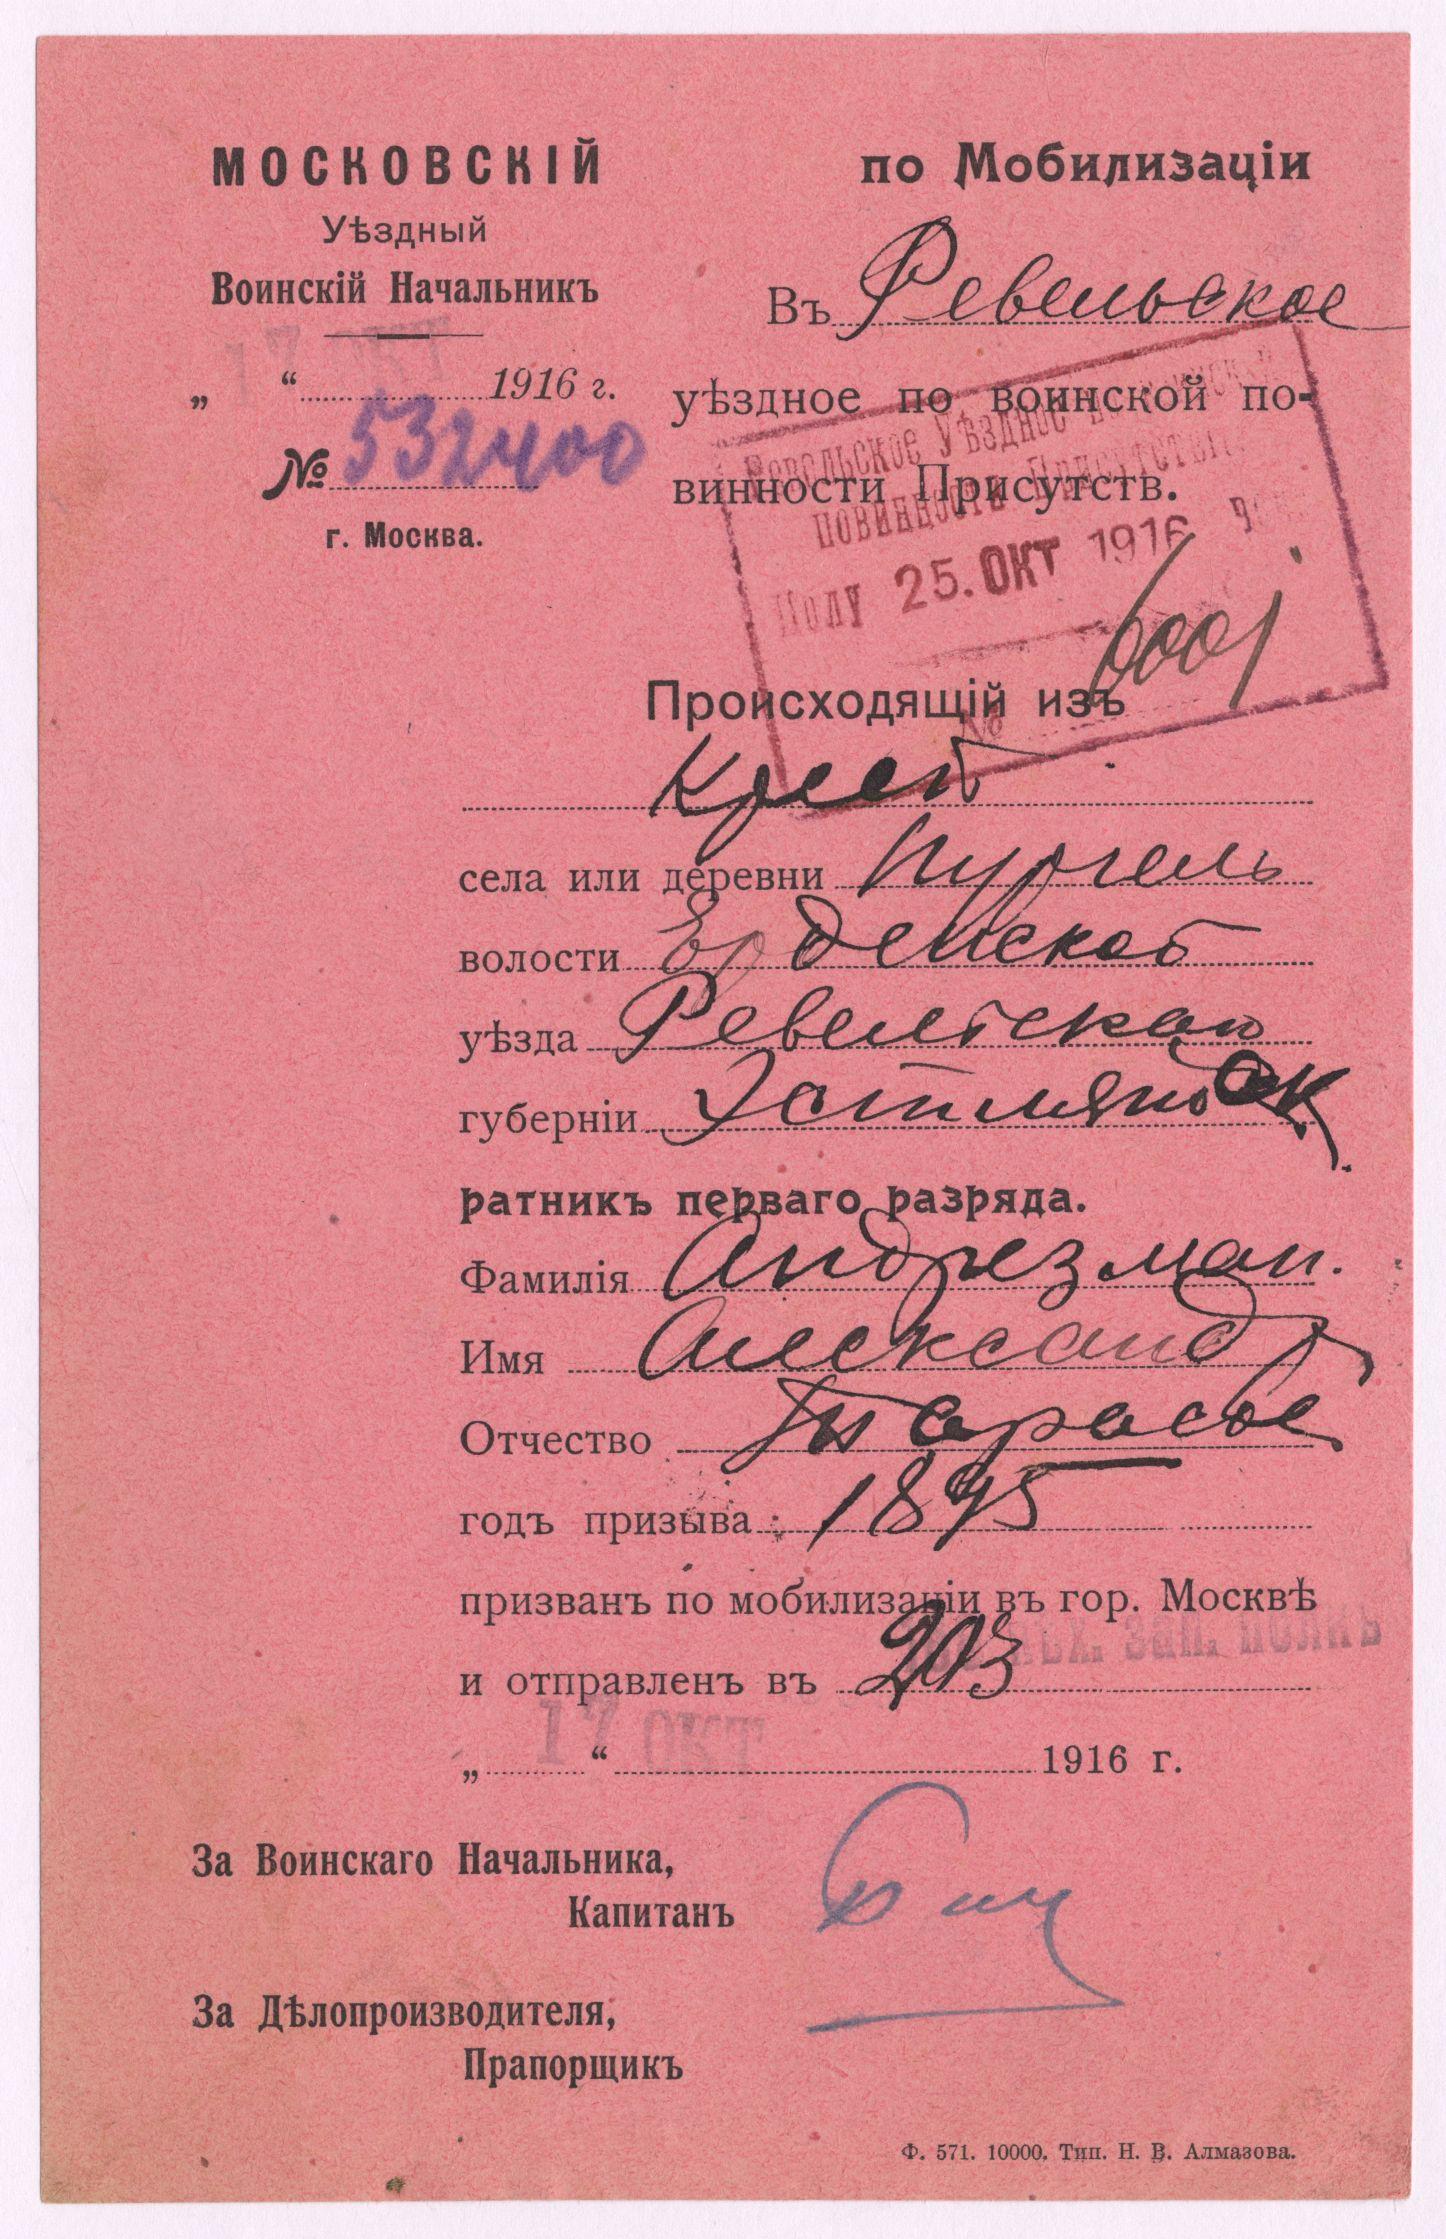 Teade Juuru valla talupoja Aleksander Andresmani mobiliseerimise kohta Moskvas. EAA.47.1.592